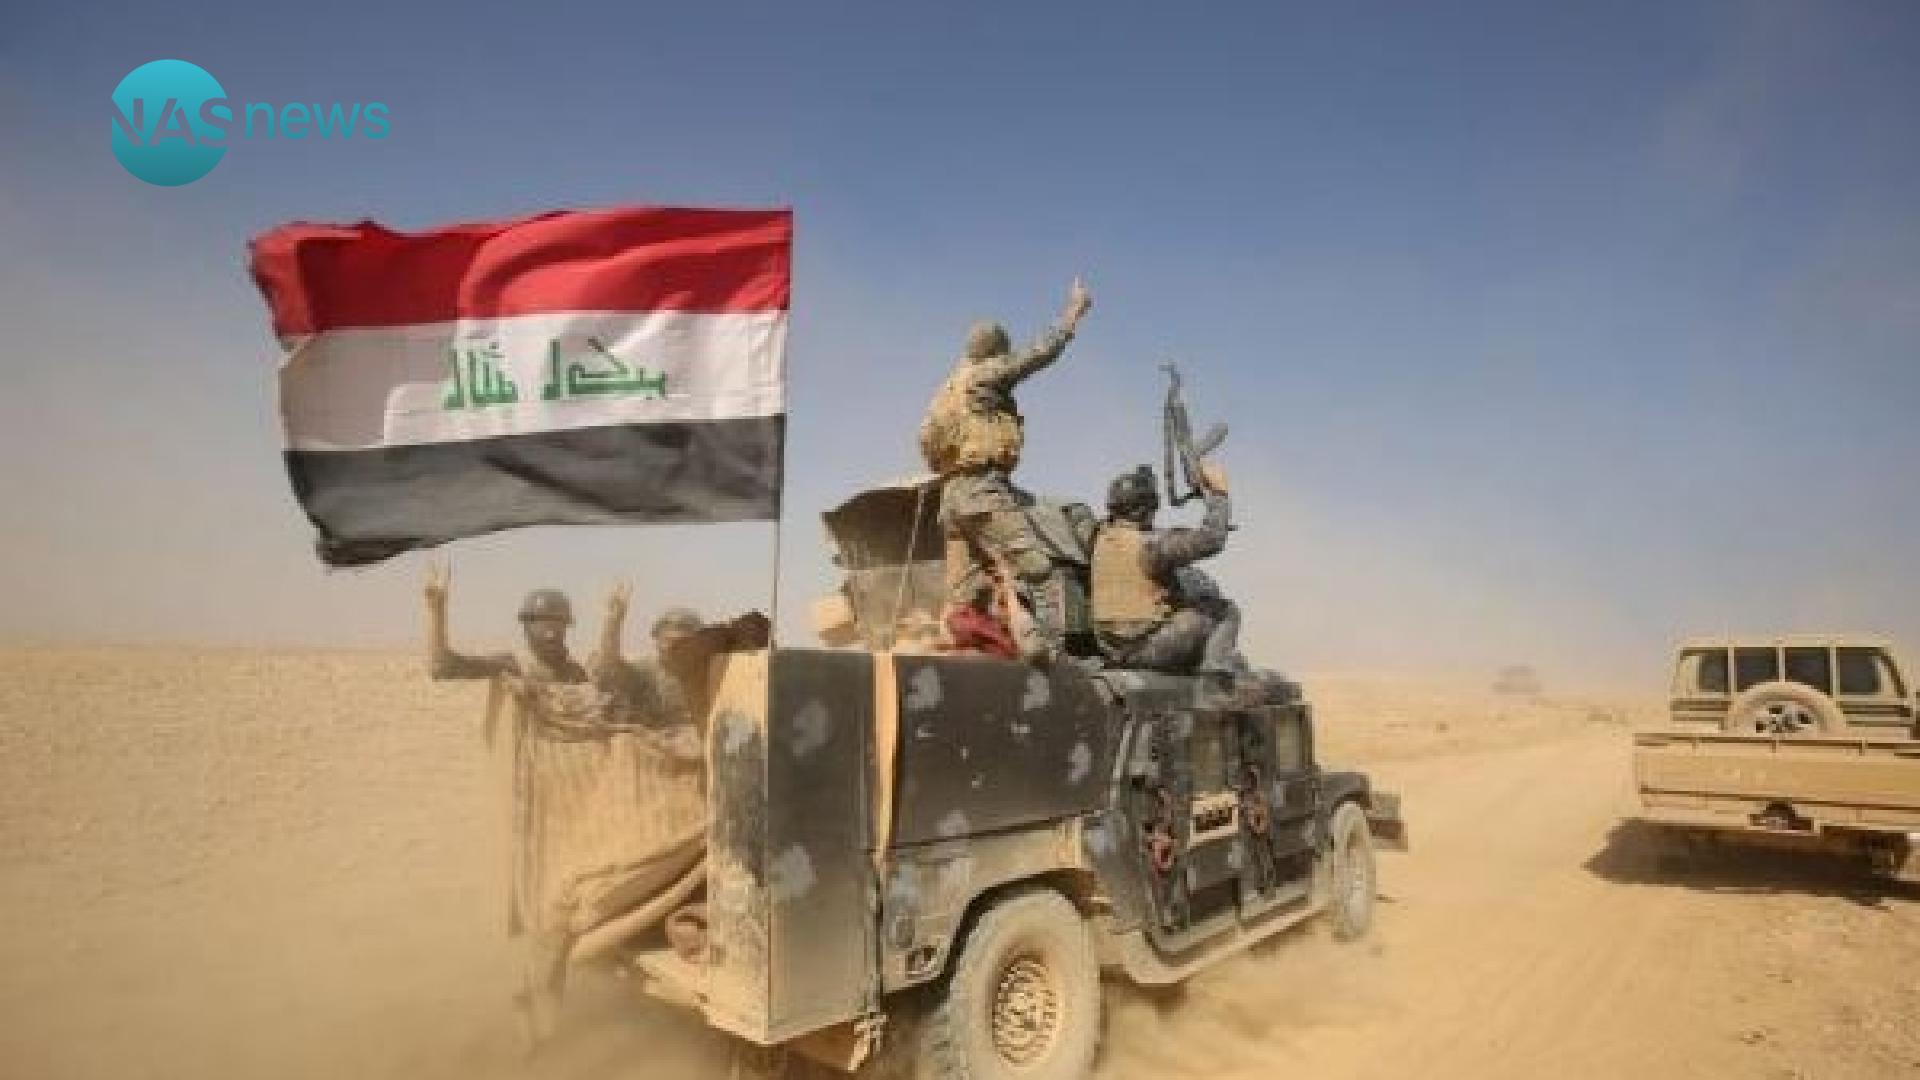 مركز أميركي ينبه بغداد إلى 'خطر داهم': نشاط على الحدود بملايين الدولارات شهرياً!